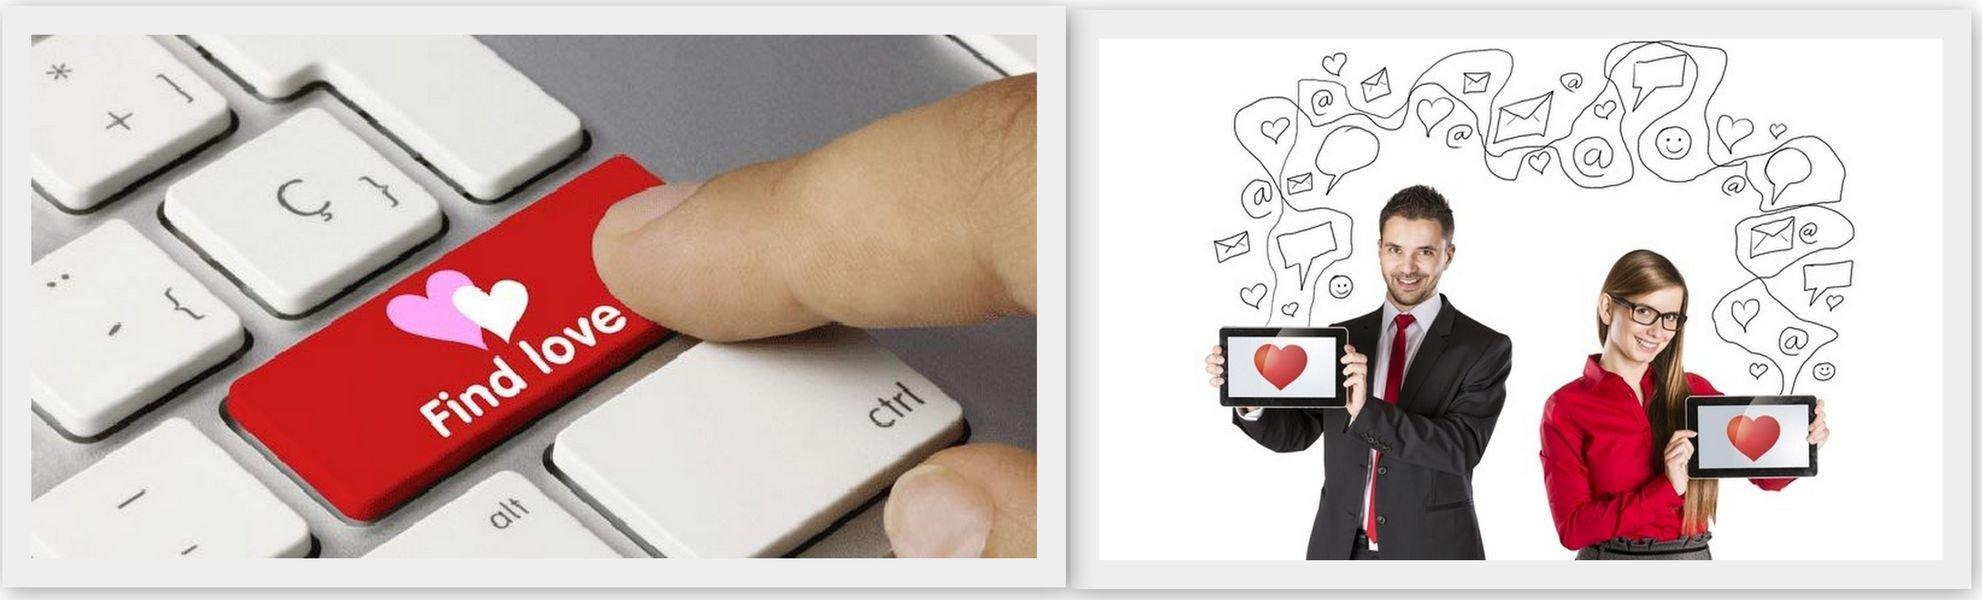 Советыпользователям для интернет знакомств